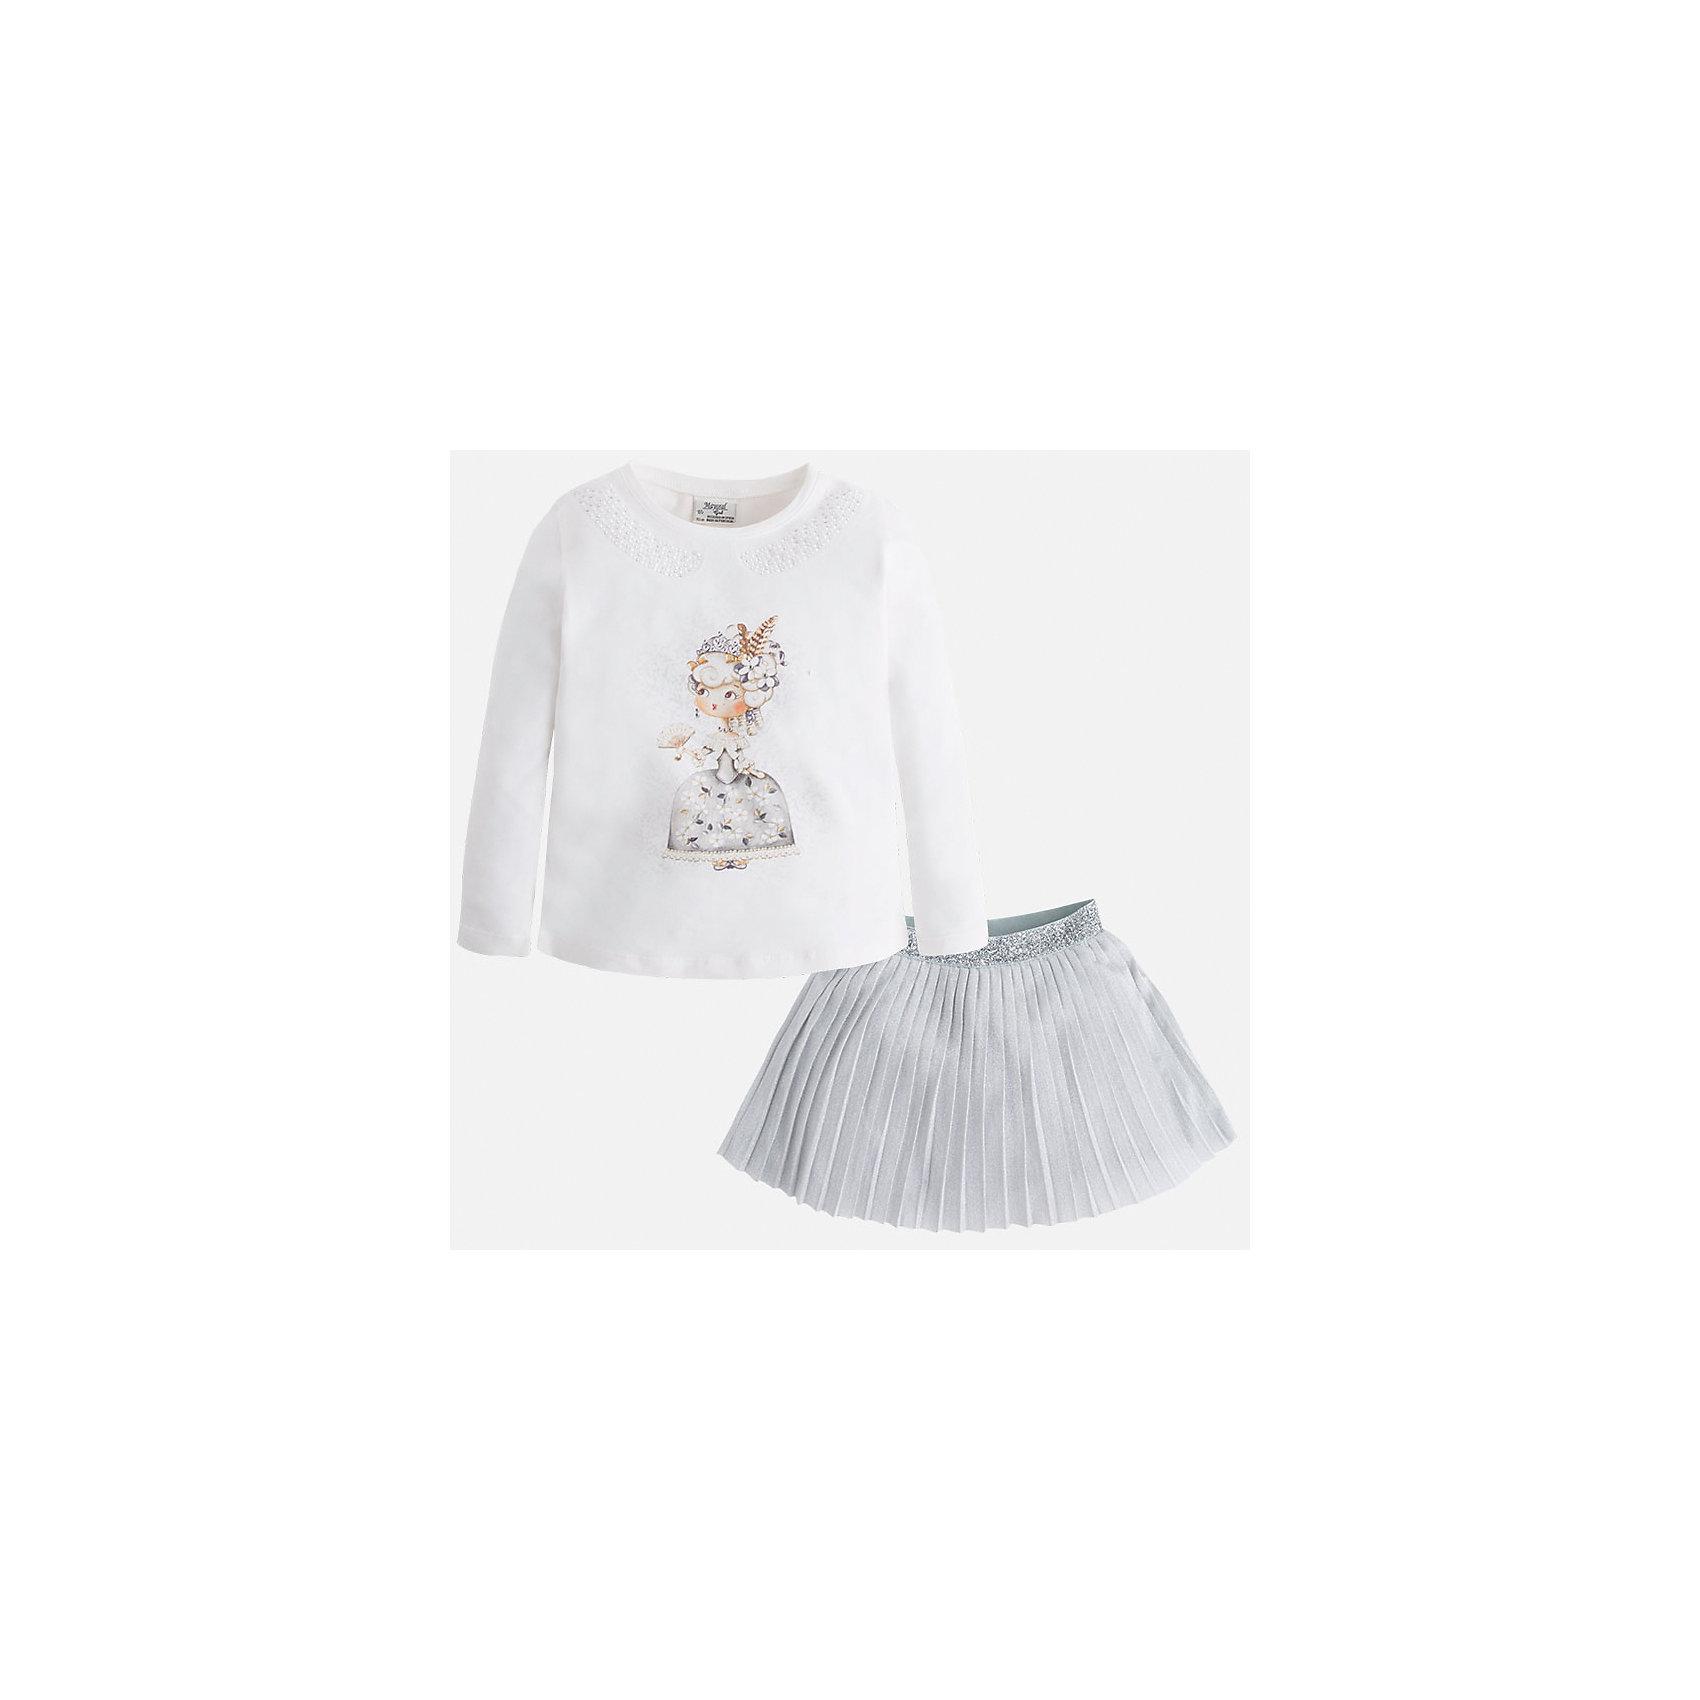 Комплект:топ и юбка для девочки MayoralКомплект из топа и юбки для девочки от популярного испанского бренда Mayoral(Майорал). Комплект изготовлен из хлопка высокого качества, приятного телу. Плиссированная юбка с блестящей вышивкой и топ нежного белого цвета с принтом прекрасно сочетаются и отлично подойдут для прогулок!<br>Дополнительная информация:<br>-длинные рукава<br>-красивый принт спереди<br>-цвет: серый/белый<br>-состав. топ: 92% хлопок, 8% эластан. Юбка 66% полиэстер, 30% люрекс, 4% эластан; подкладка: 100% хлопок<br>Комплект из топа и юбки можно купить в нашем интернет-магазине.<br><br>Ширина мм: 207<br>Глубина мм: 10<br>Высота мм: 189<br>Вес г: 183<br>Цвет: серый<br>Возраст от месяцев: 36<br>Возраст до месяцев: 48<br>Пол: Женский<br>Возраст: Детский<br>Размер: 104,128,116,110,122,98,134<br>SKU: 4844624